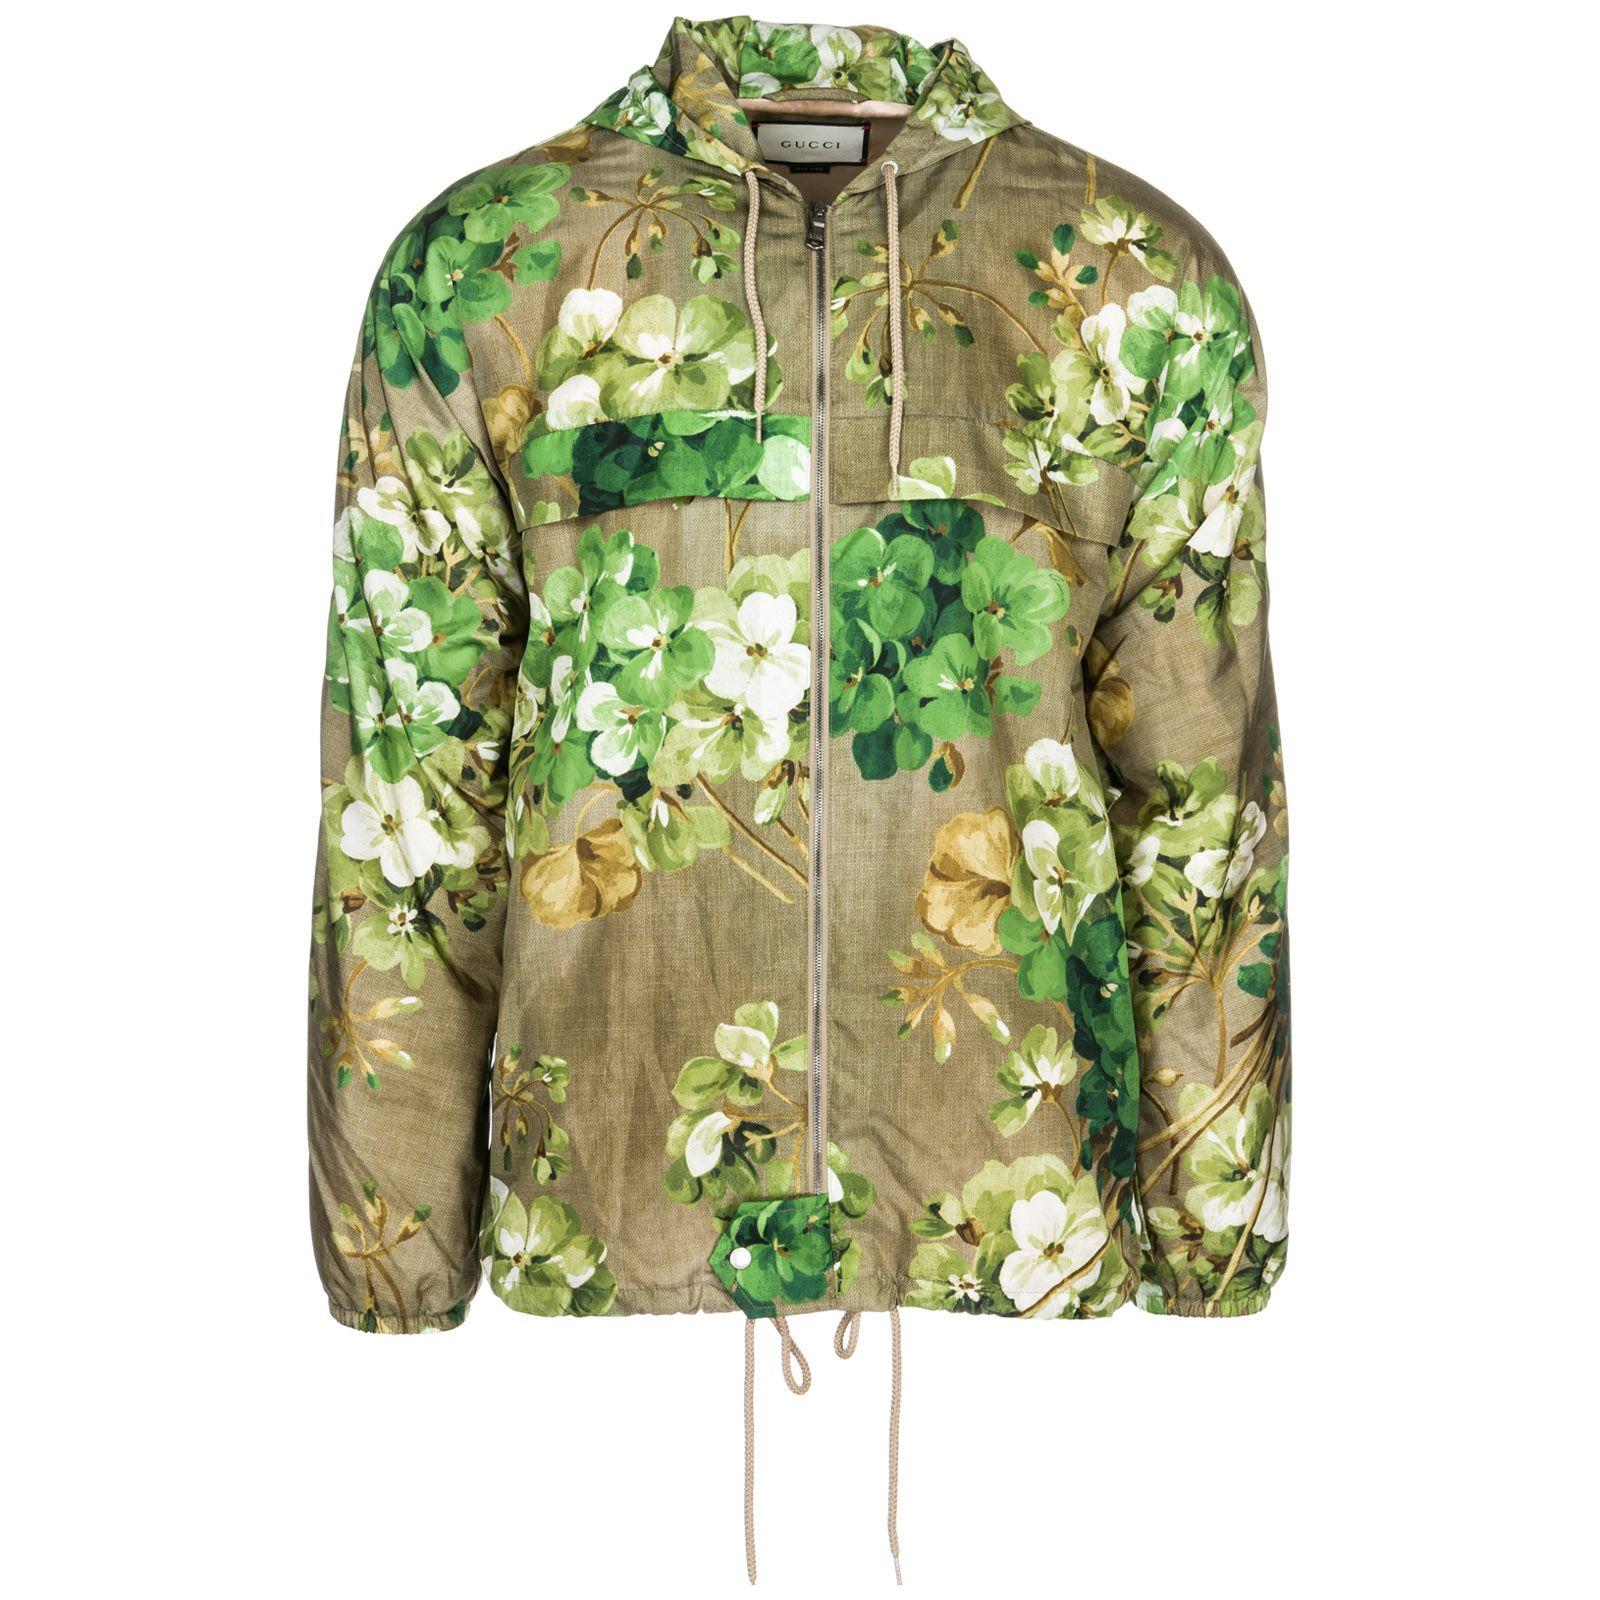 Gucci Men S Outerwear Jacket Blouson Cappuccio In Green Modesens Mens Outerwear Jacket Gucci Floral Outerwear Jackets [ 1600 x 1600 Pixel ]